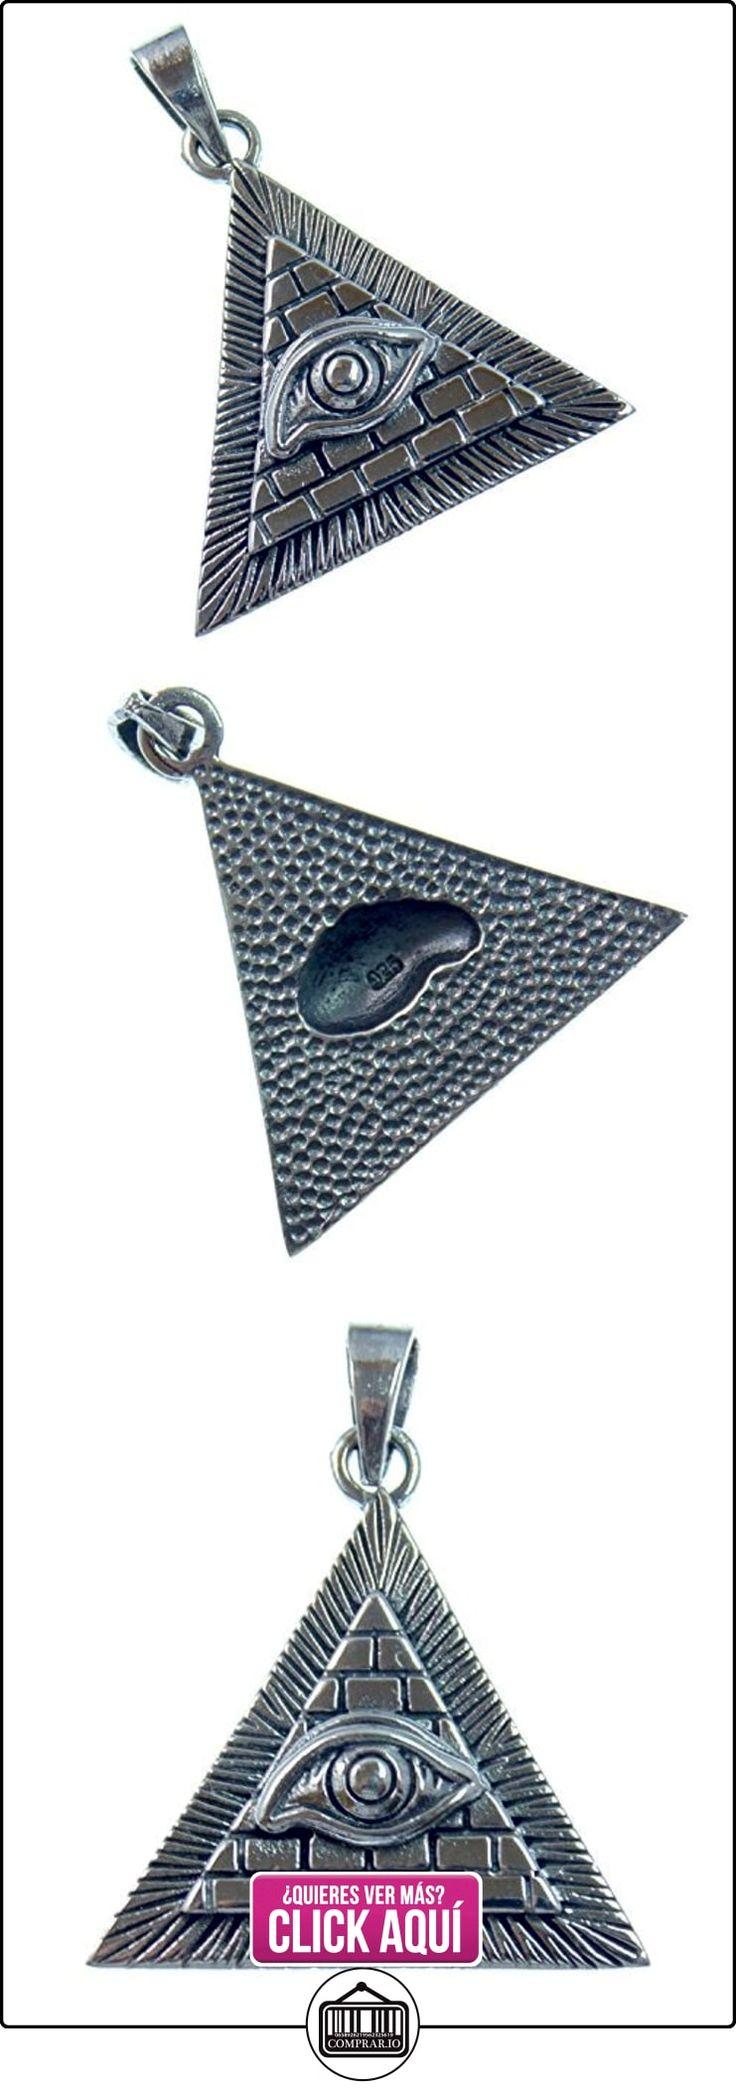 Plata colgante pirámide con ojo de Horus, amuleto de la suerte y símbolo de poder y Próspero vida, Plata de ley 925, 3,3cm L, 2,9cm B  ✿ Joyas para mujer - Las mejores ofertas ✿ ▬► Ver oferta: https://comprar.io/goto/B01IKP0FVA